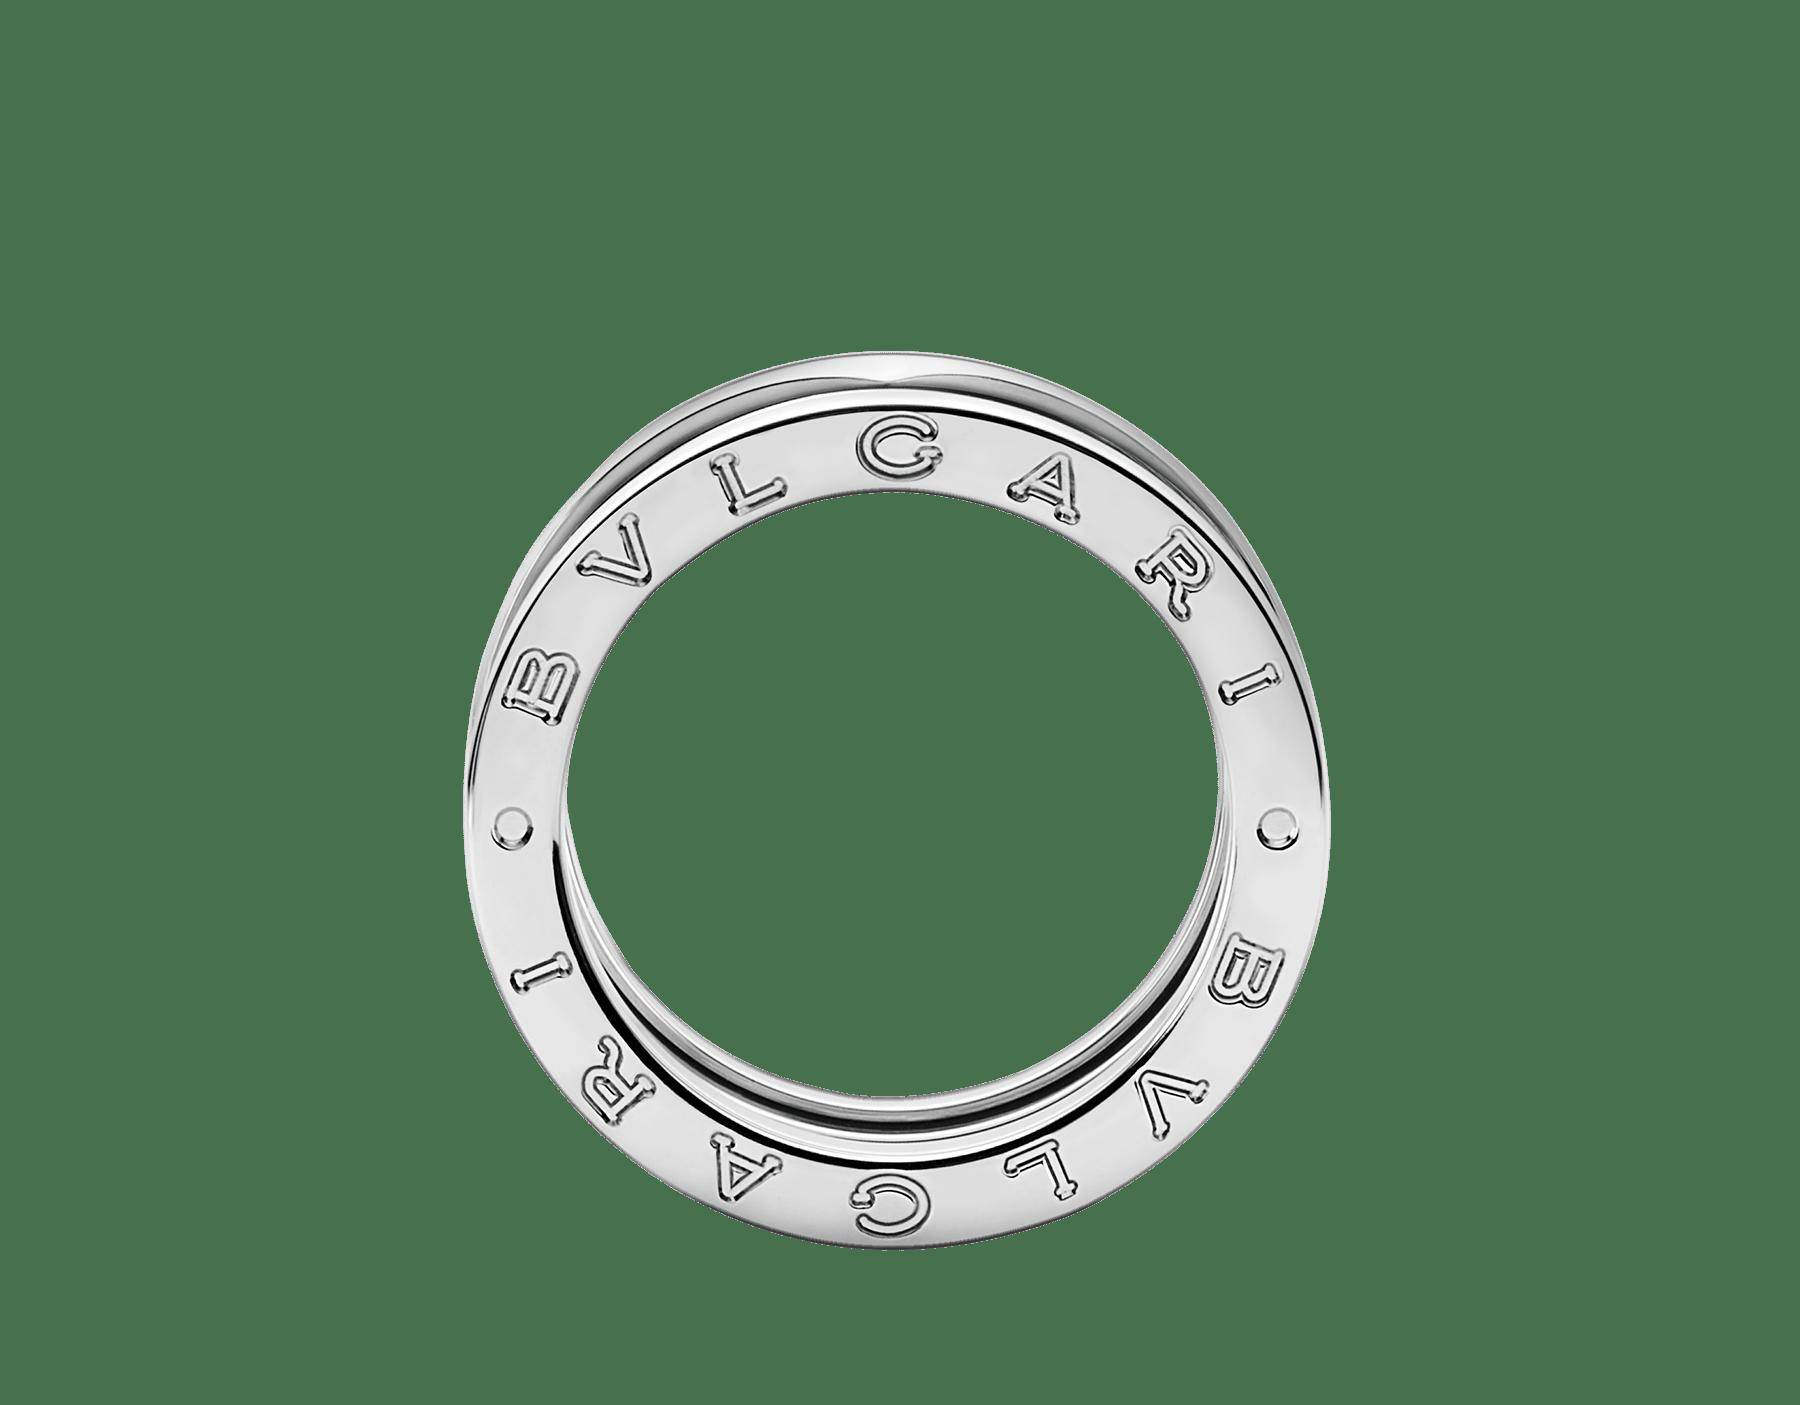 Das curvas fluidas de sua espiral em ouro branco ao caráter ousado de seus volumes, o design audacioso do anel B.zero1 revela o espírito carismático de um ícone da joalheria. B-zero1-3-bands-AN191024 image 2